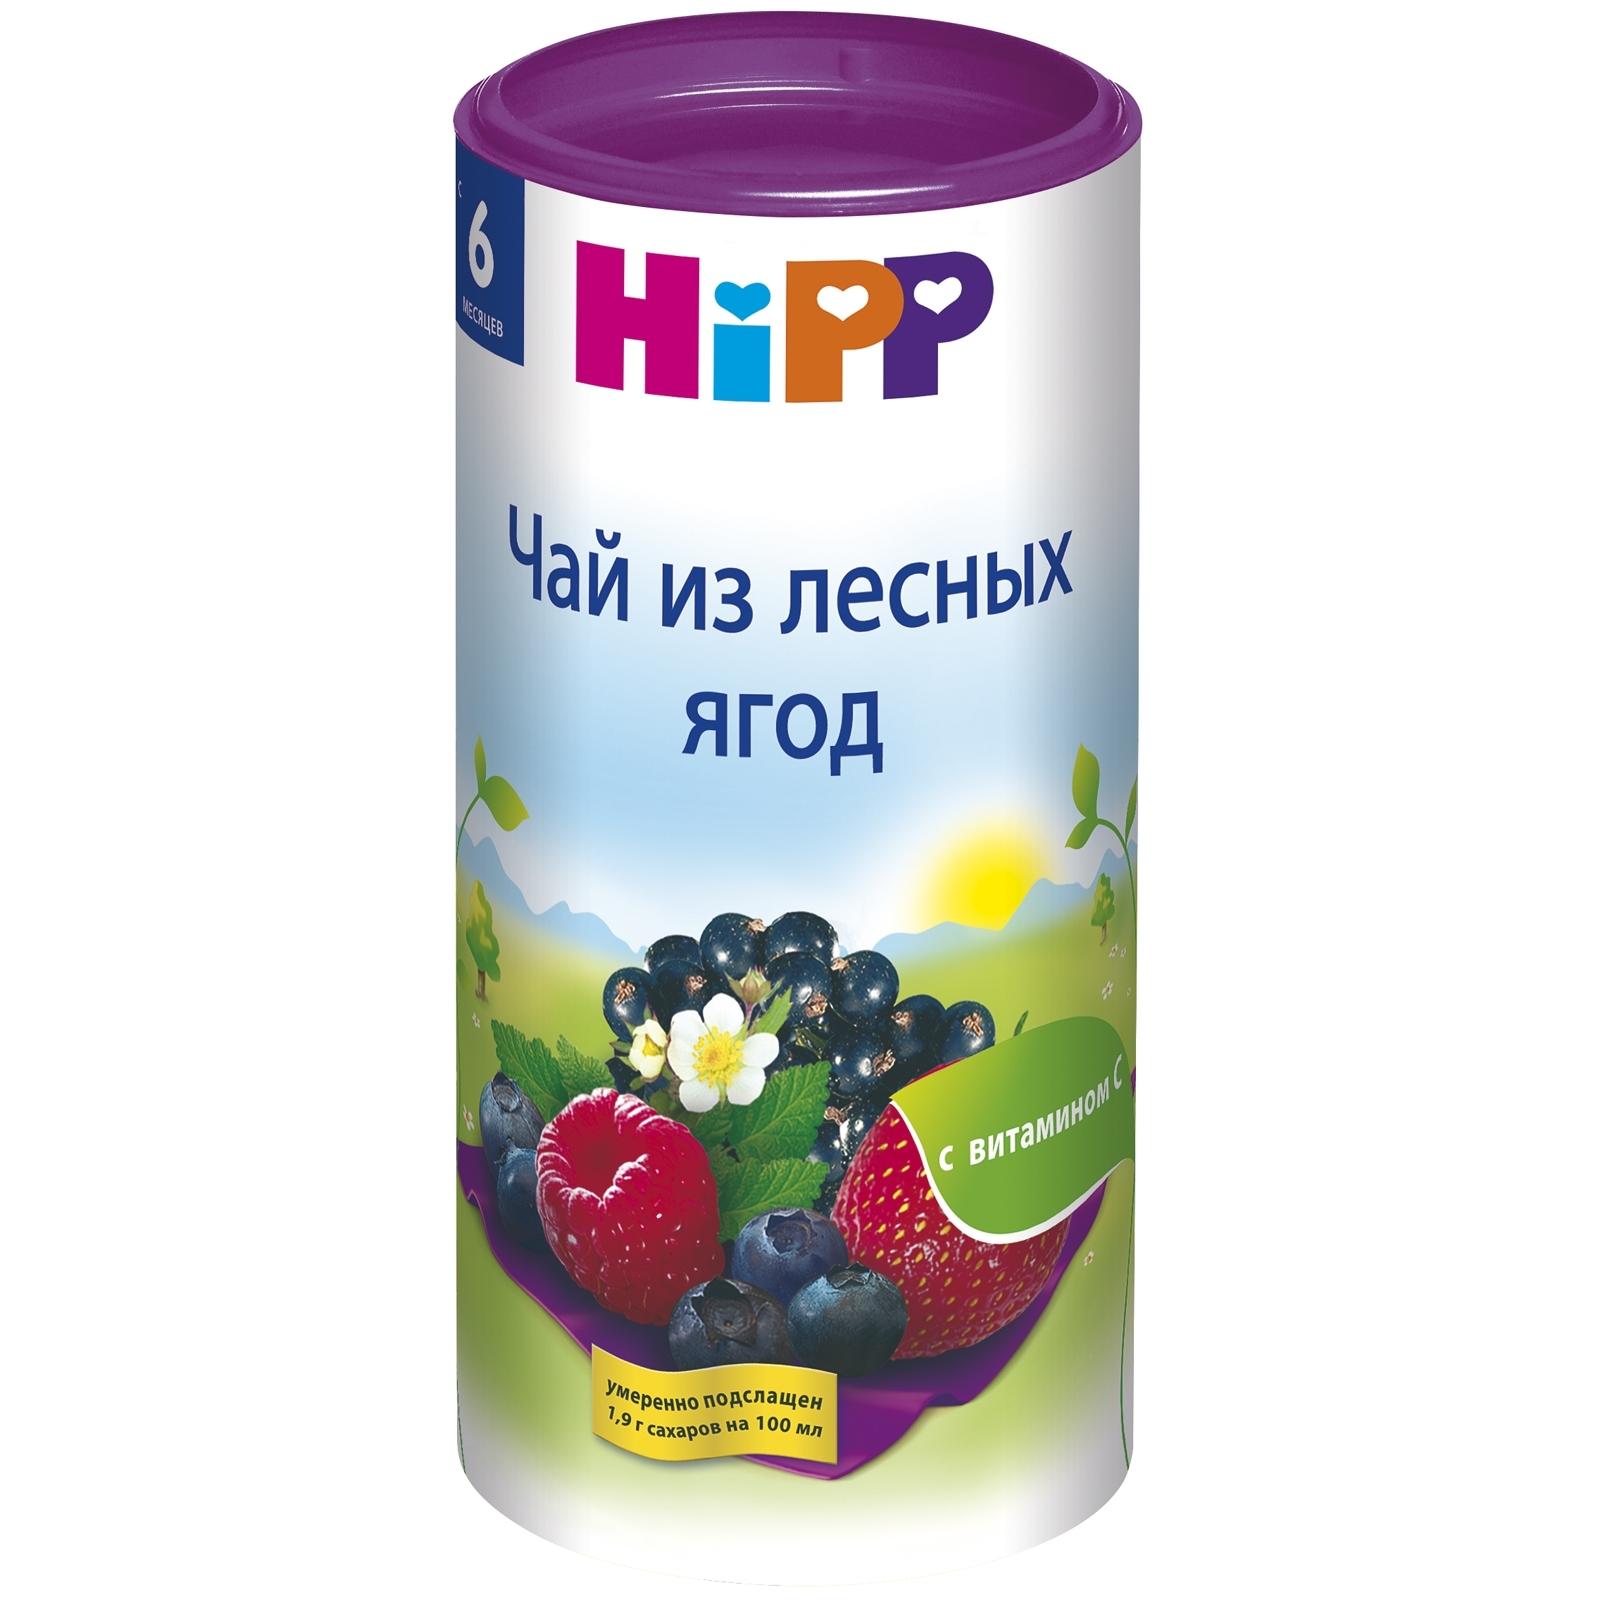 Чай детский Hipp быстрорастворимый 200 гр Лесные ягоды (с 6 мес)<br>